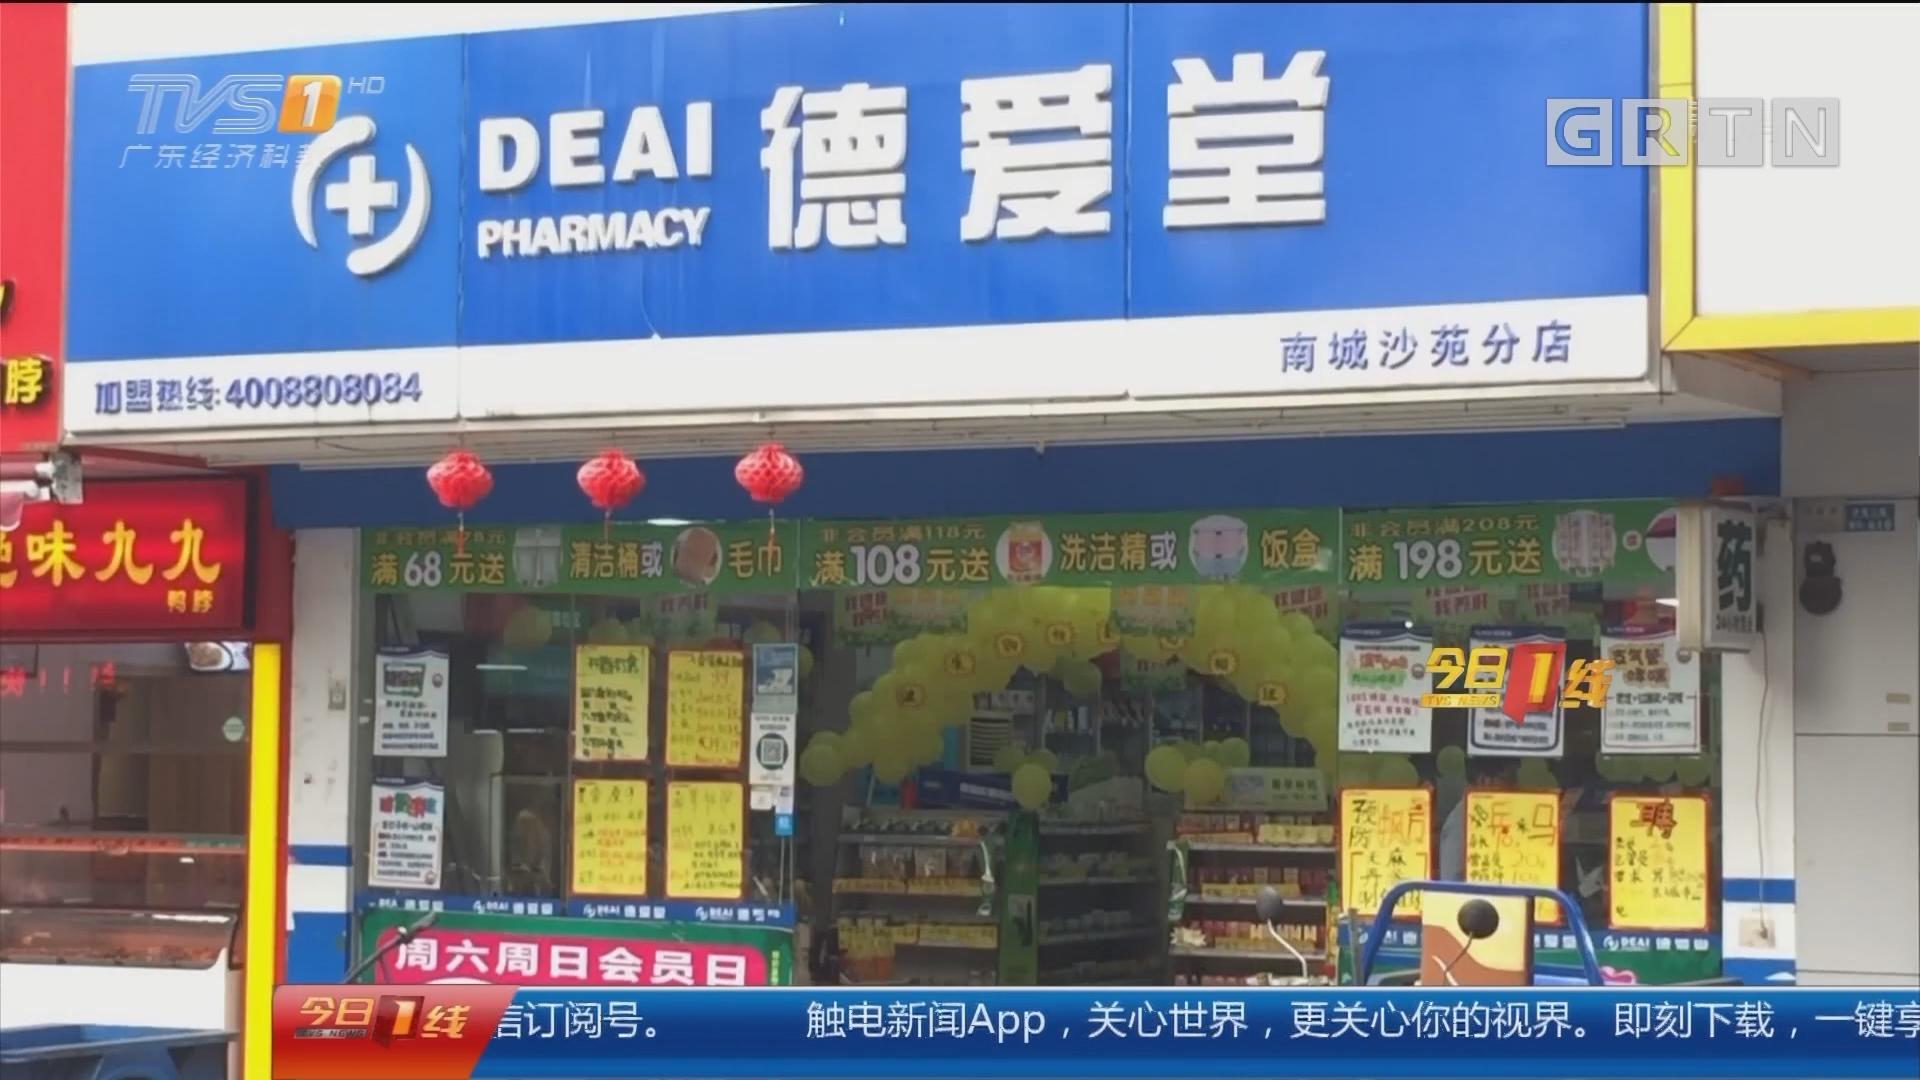 一线独家:广东药店违规销售处方药调查 去年被曝光举报 今年依旧违规卖药